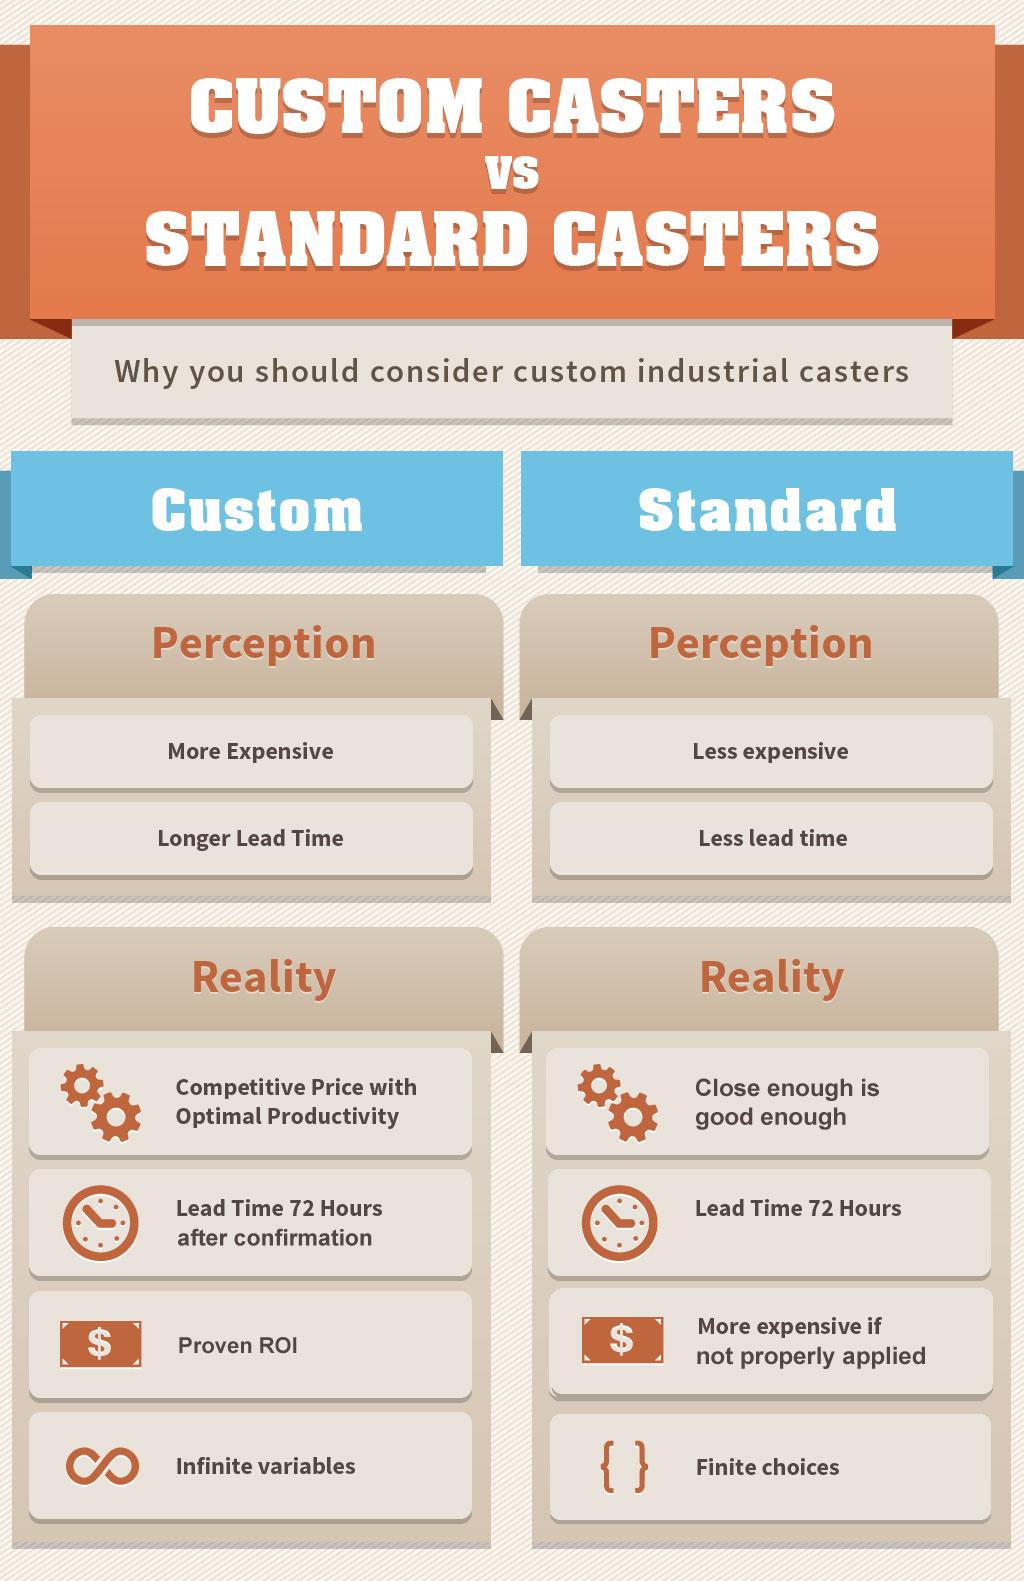 Rodajas Personalizadas vs Rodajas Estándar – Por qué debe de considerar rodajas industriales personalizadas